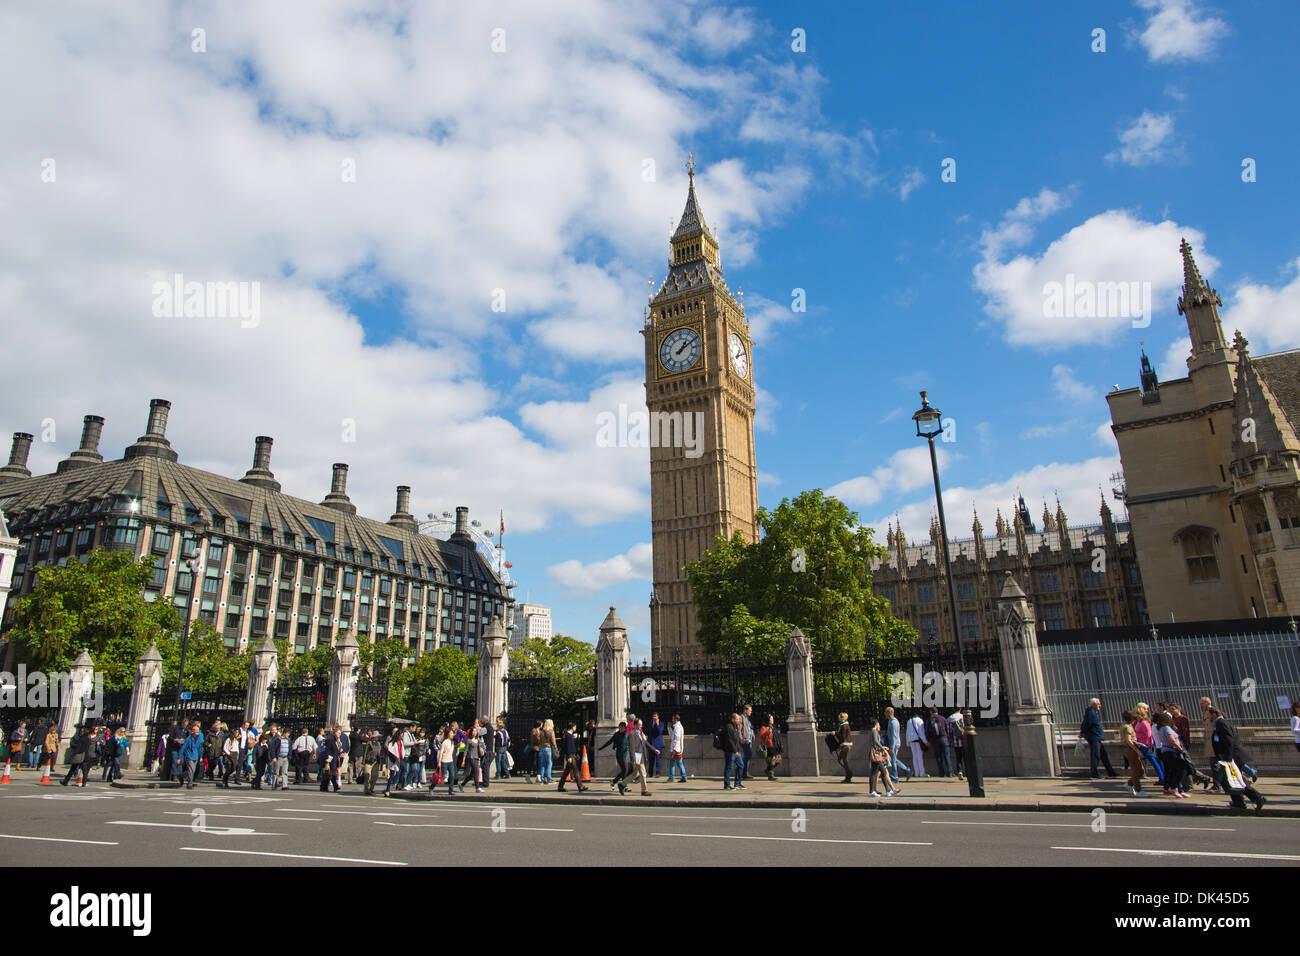 La place du Parlement, le centre de Londres avec Portcullis House (à gauche) et Big Ben (milieu), London, UK Banque D'Images